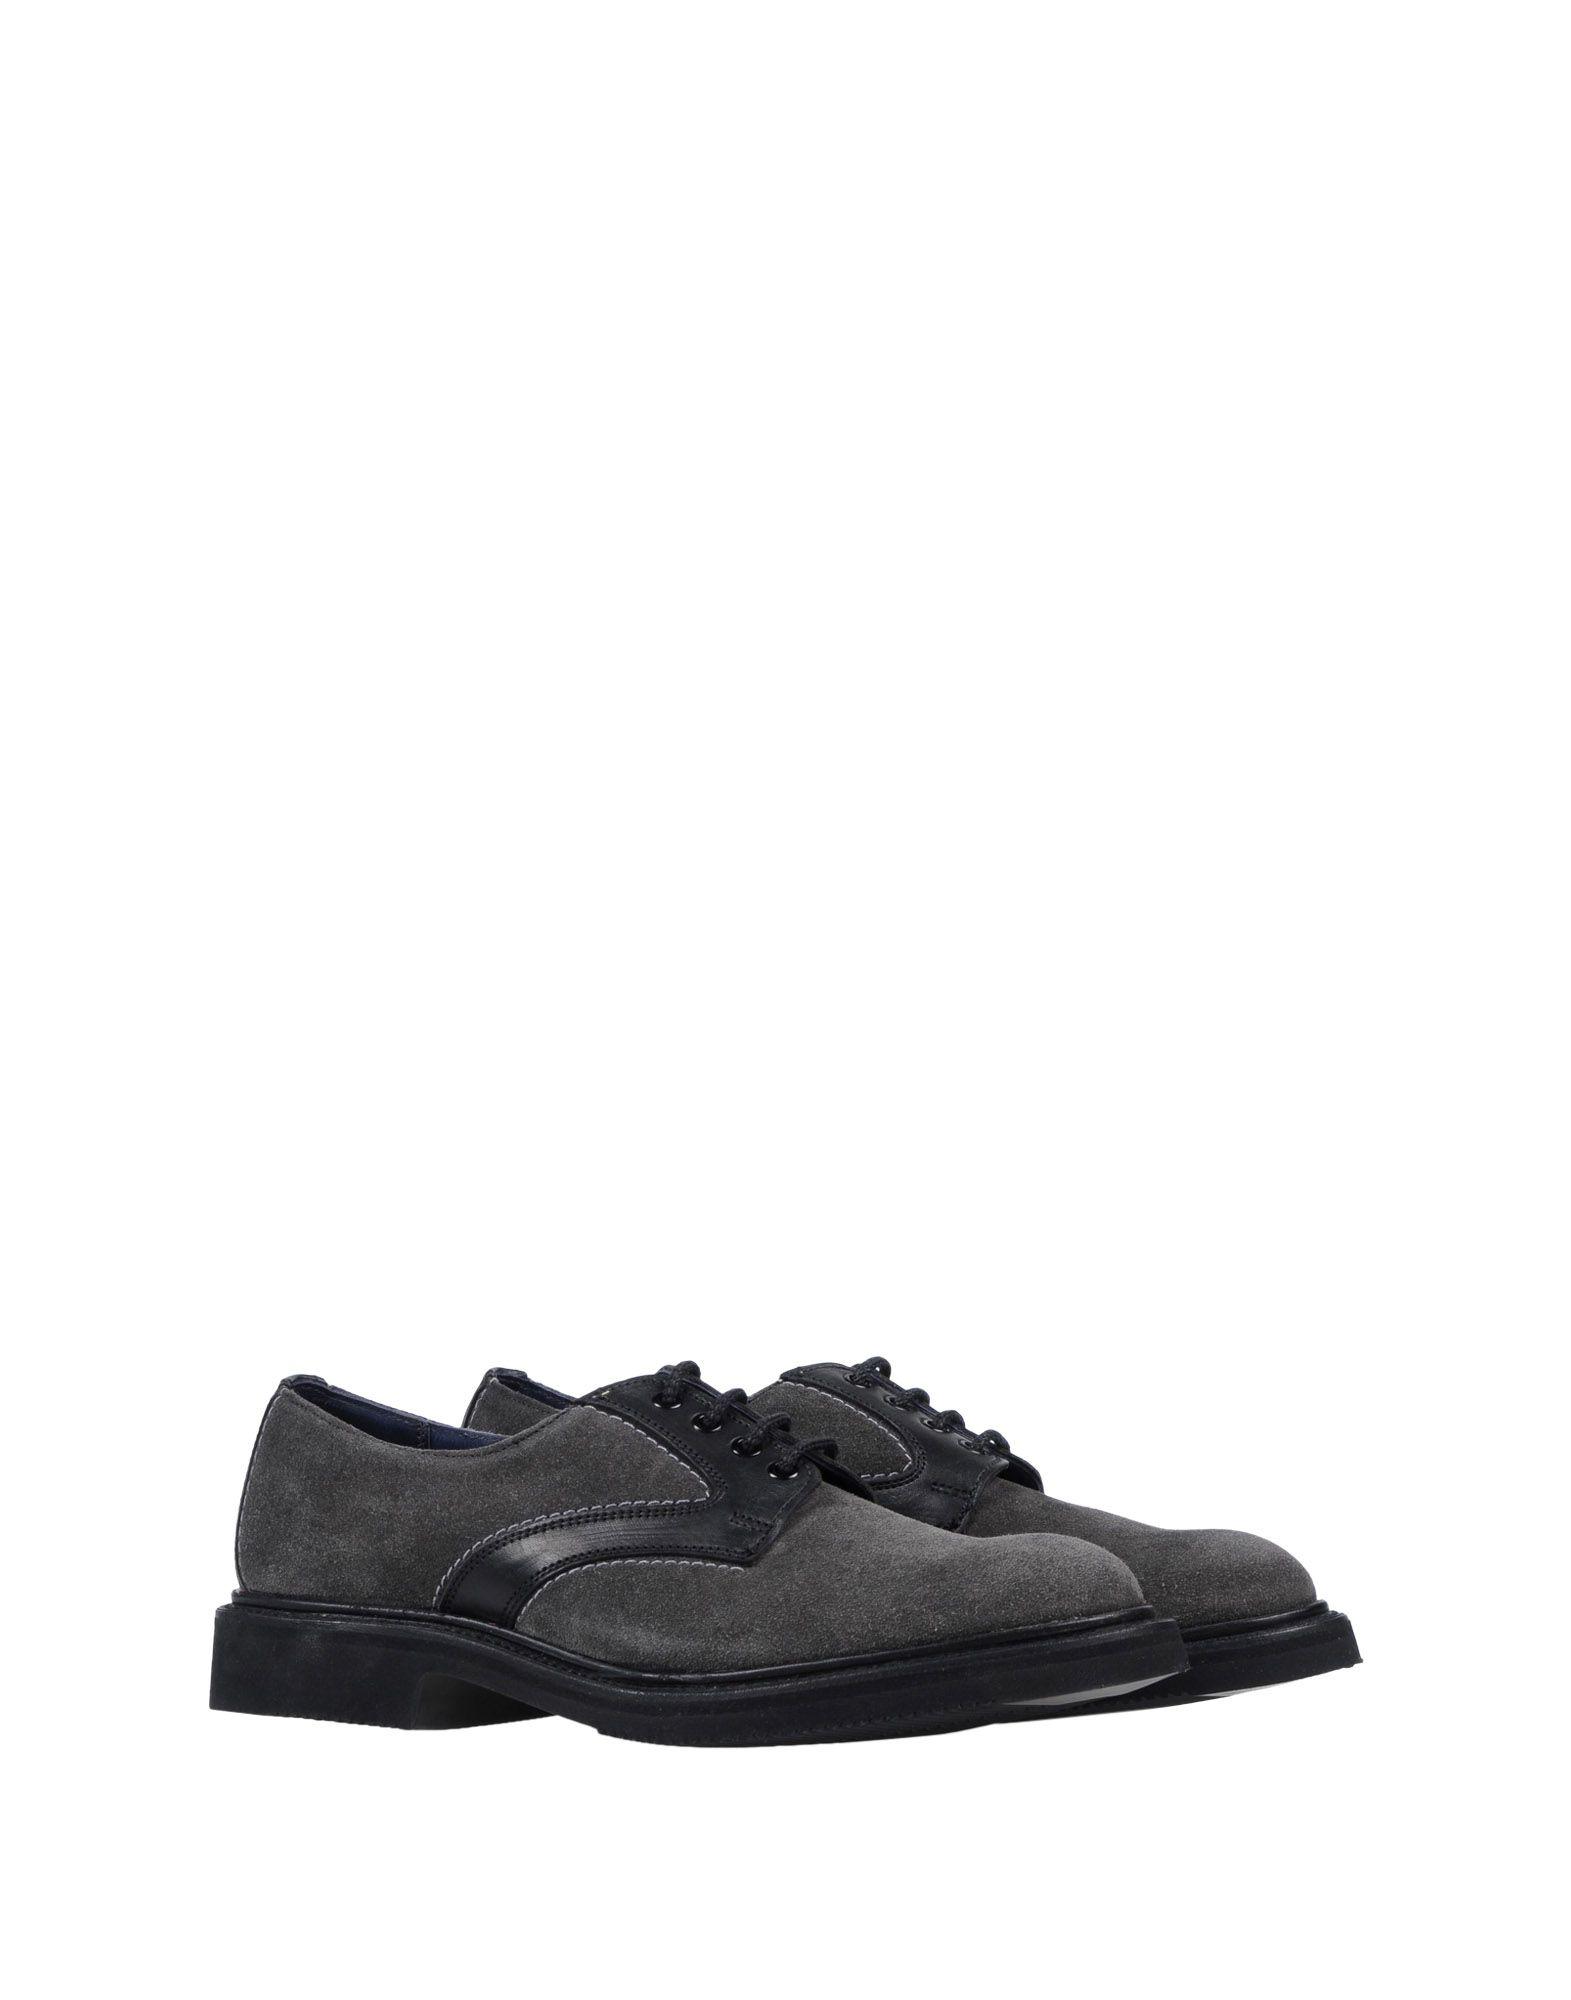 Tricker's Schnürschuhe Qualität Herren  11511500HR Gute Qualität Schnürschuhe beliebte Schuhe 89a4fe